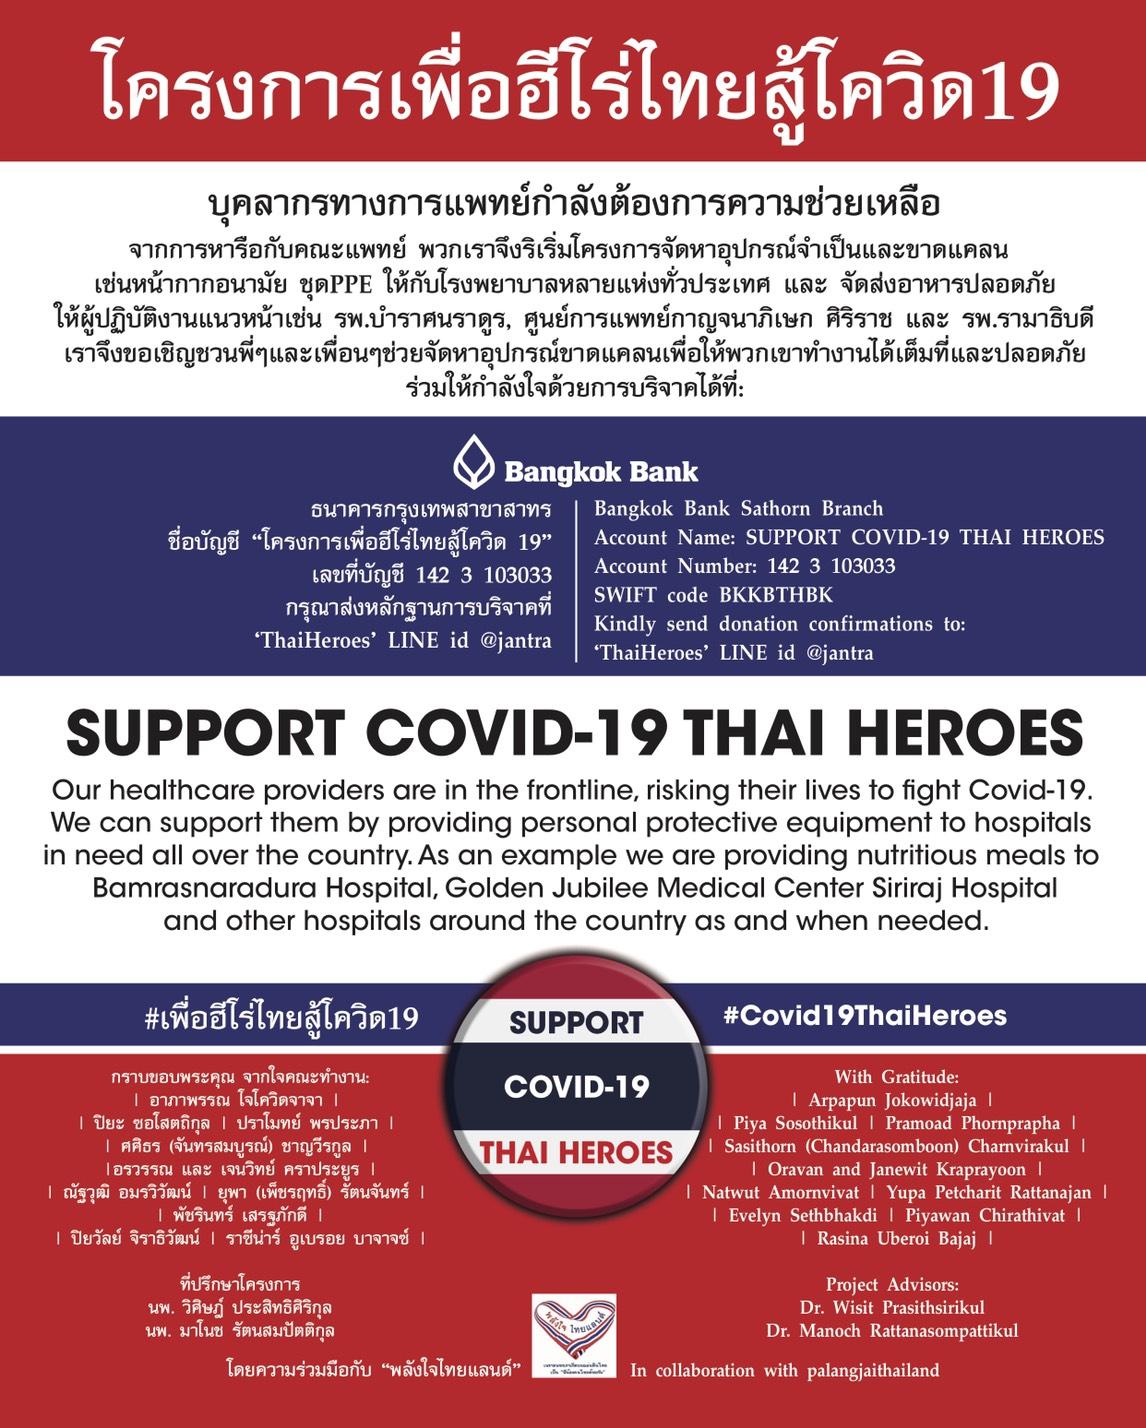 โครงการเพื่อฮีโร่ไทยสู้โควิด19